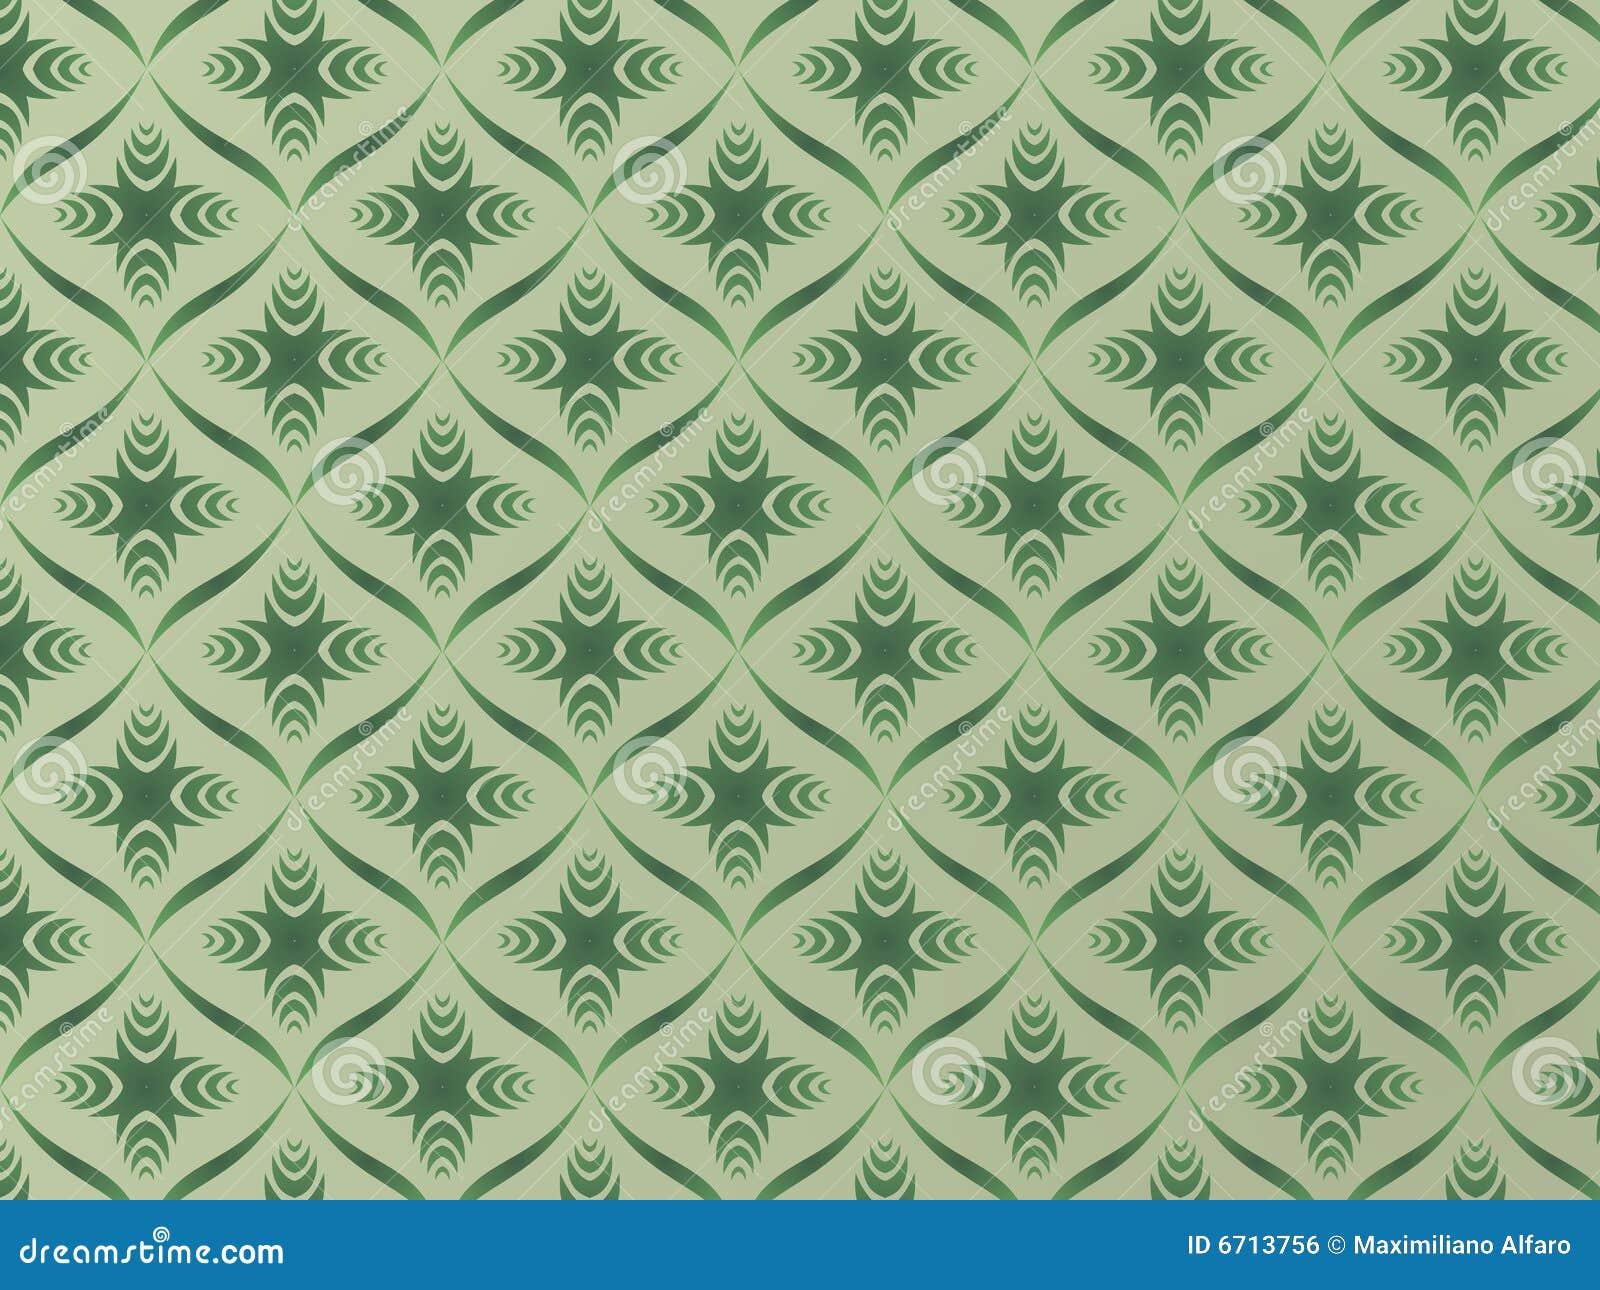 Tappezzeria verde immagine stock libera da diritti for Tappezzeria prezzi